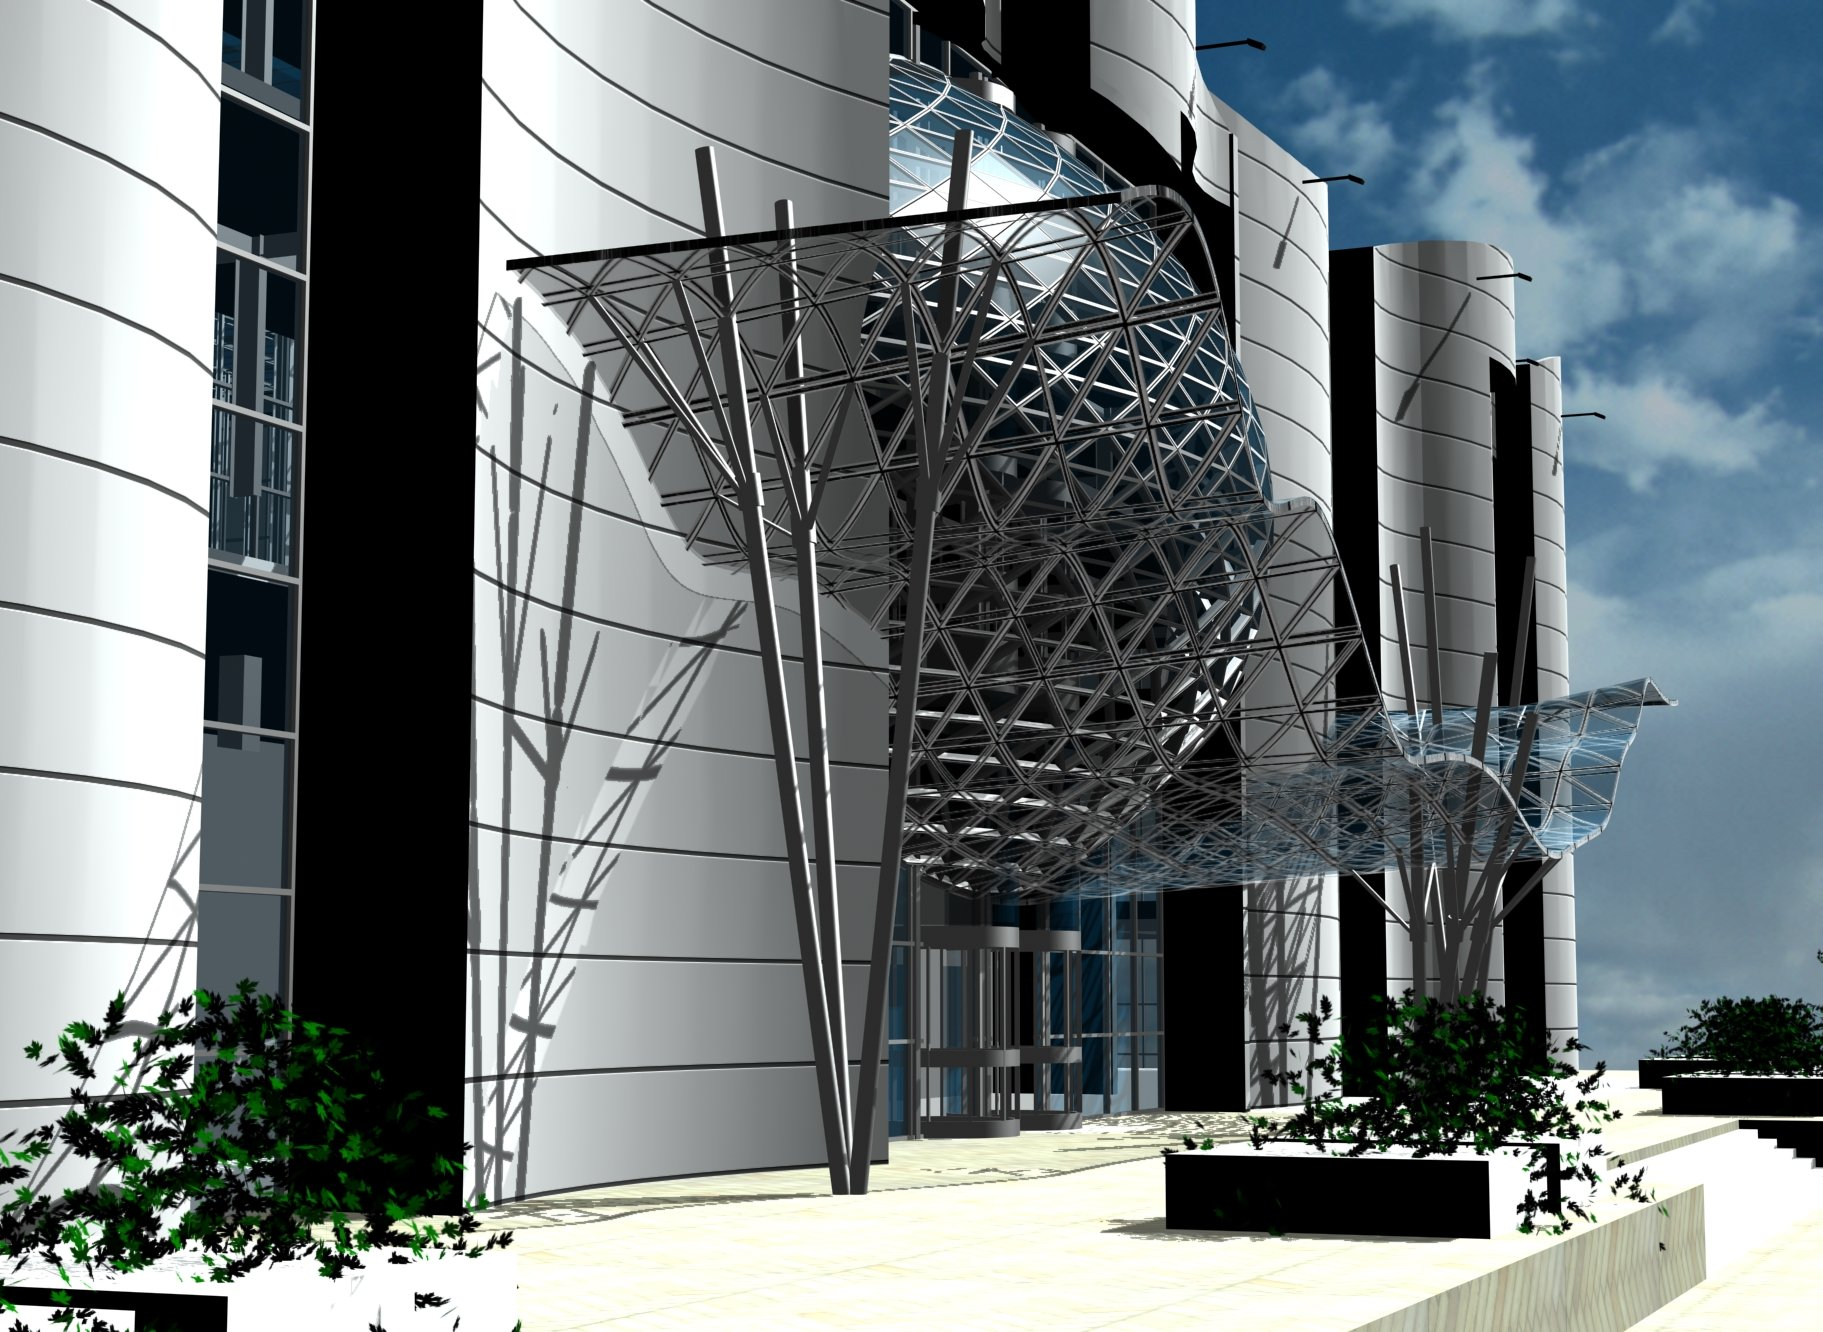 Architetti Campana - Centro Commerciale - Mosca - Particolare 2